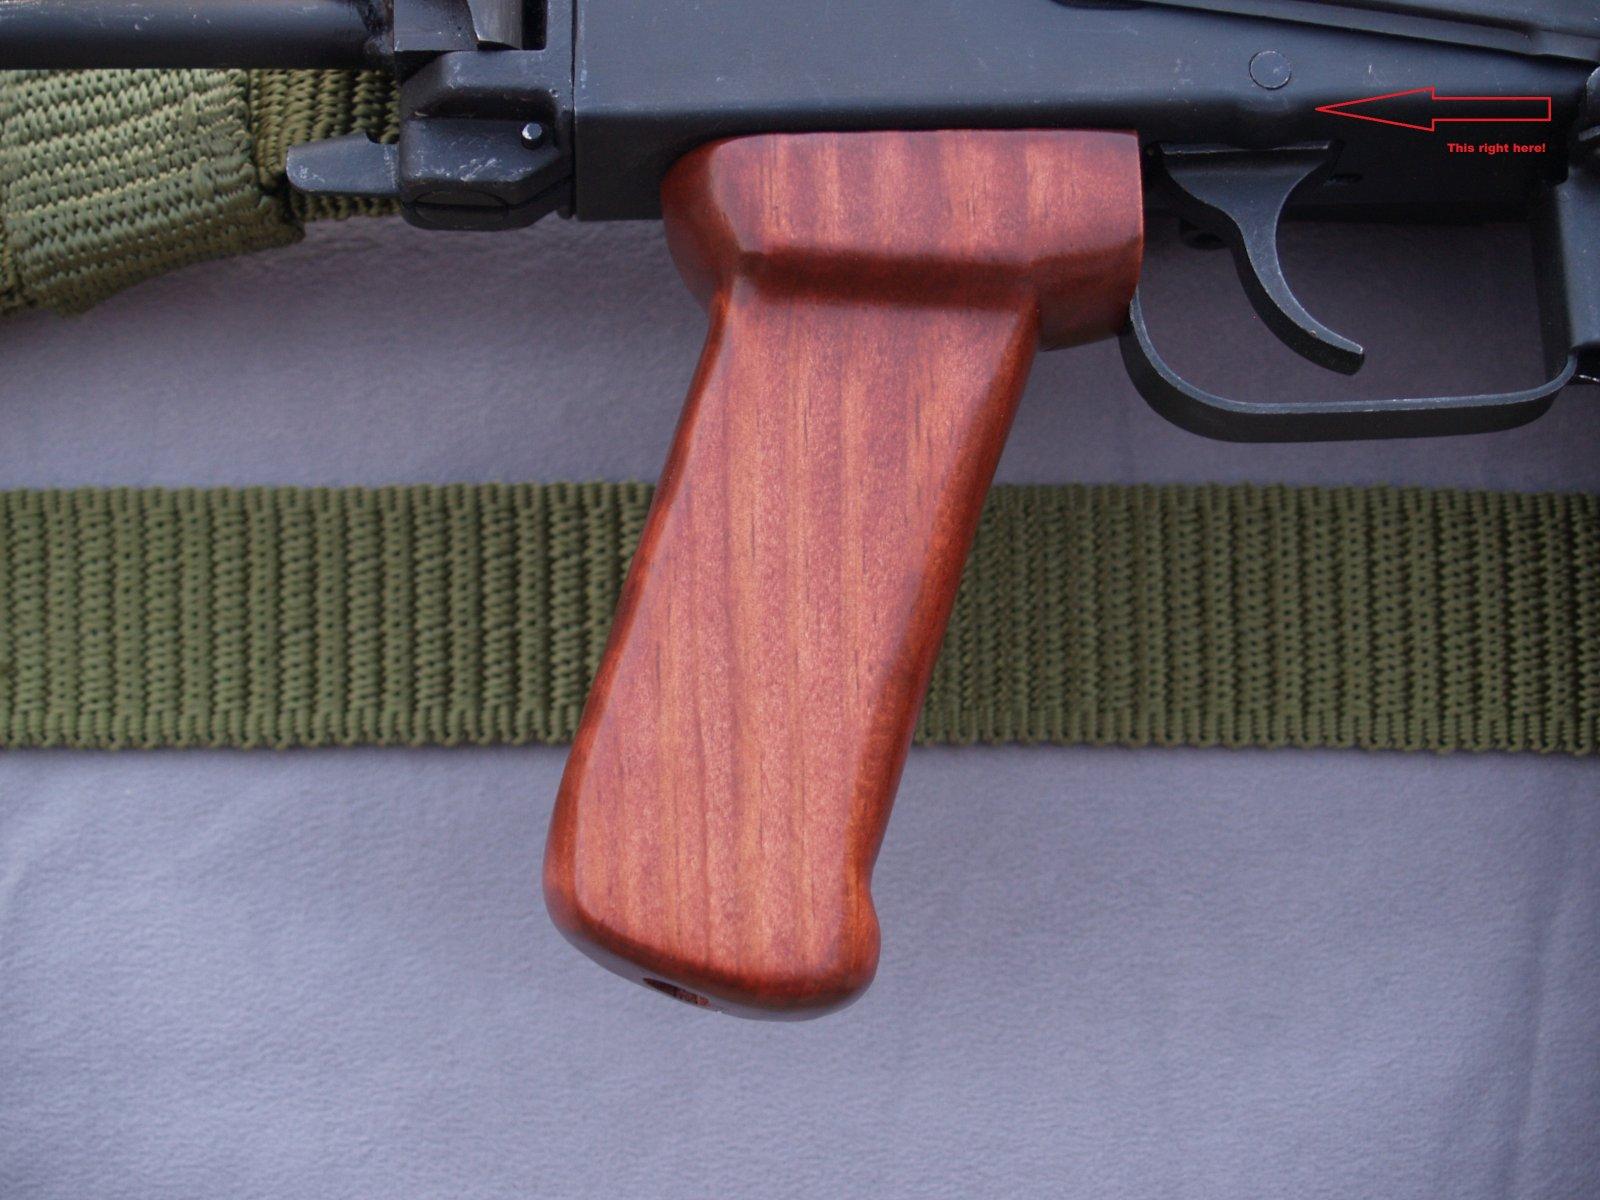 AK47 PISTOL GRIP DETAIL1.jpg